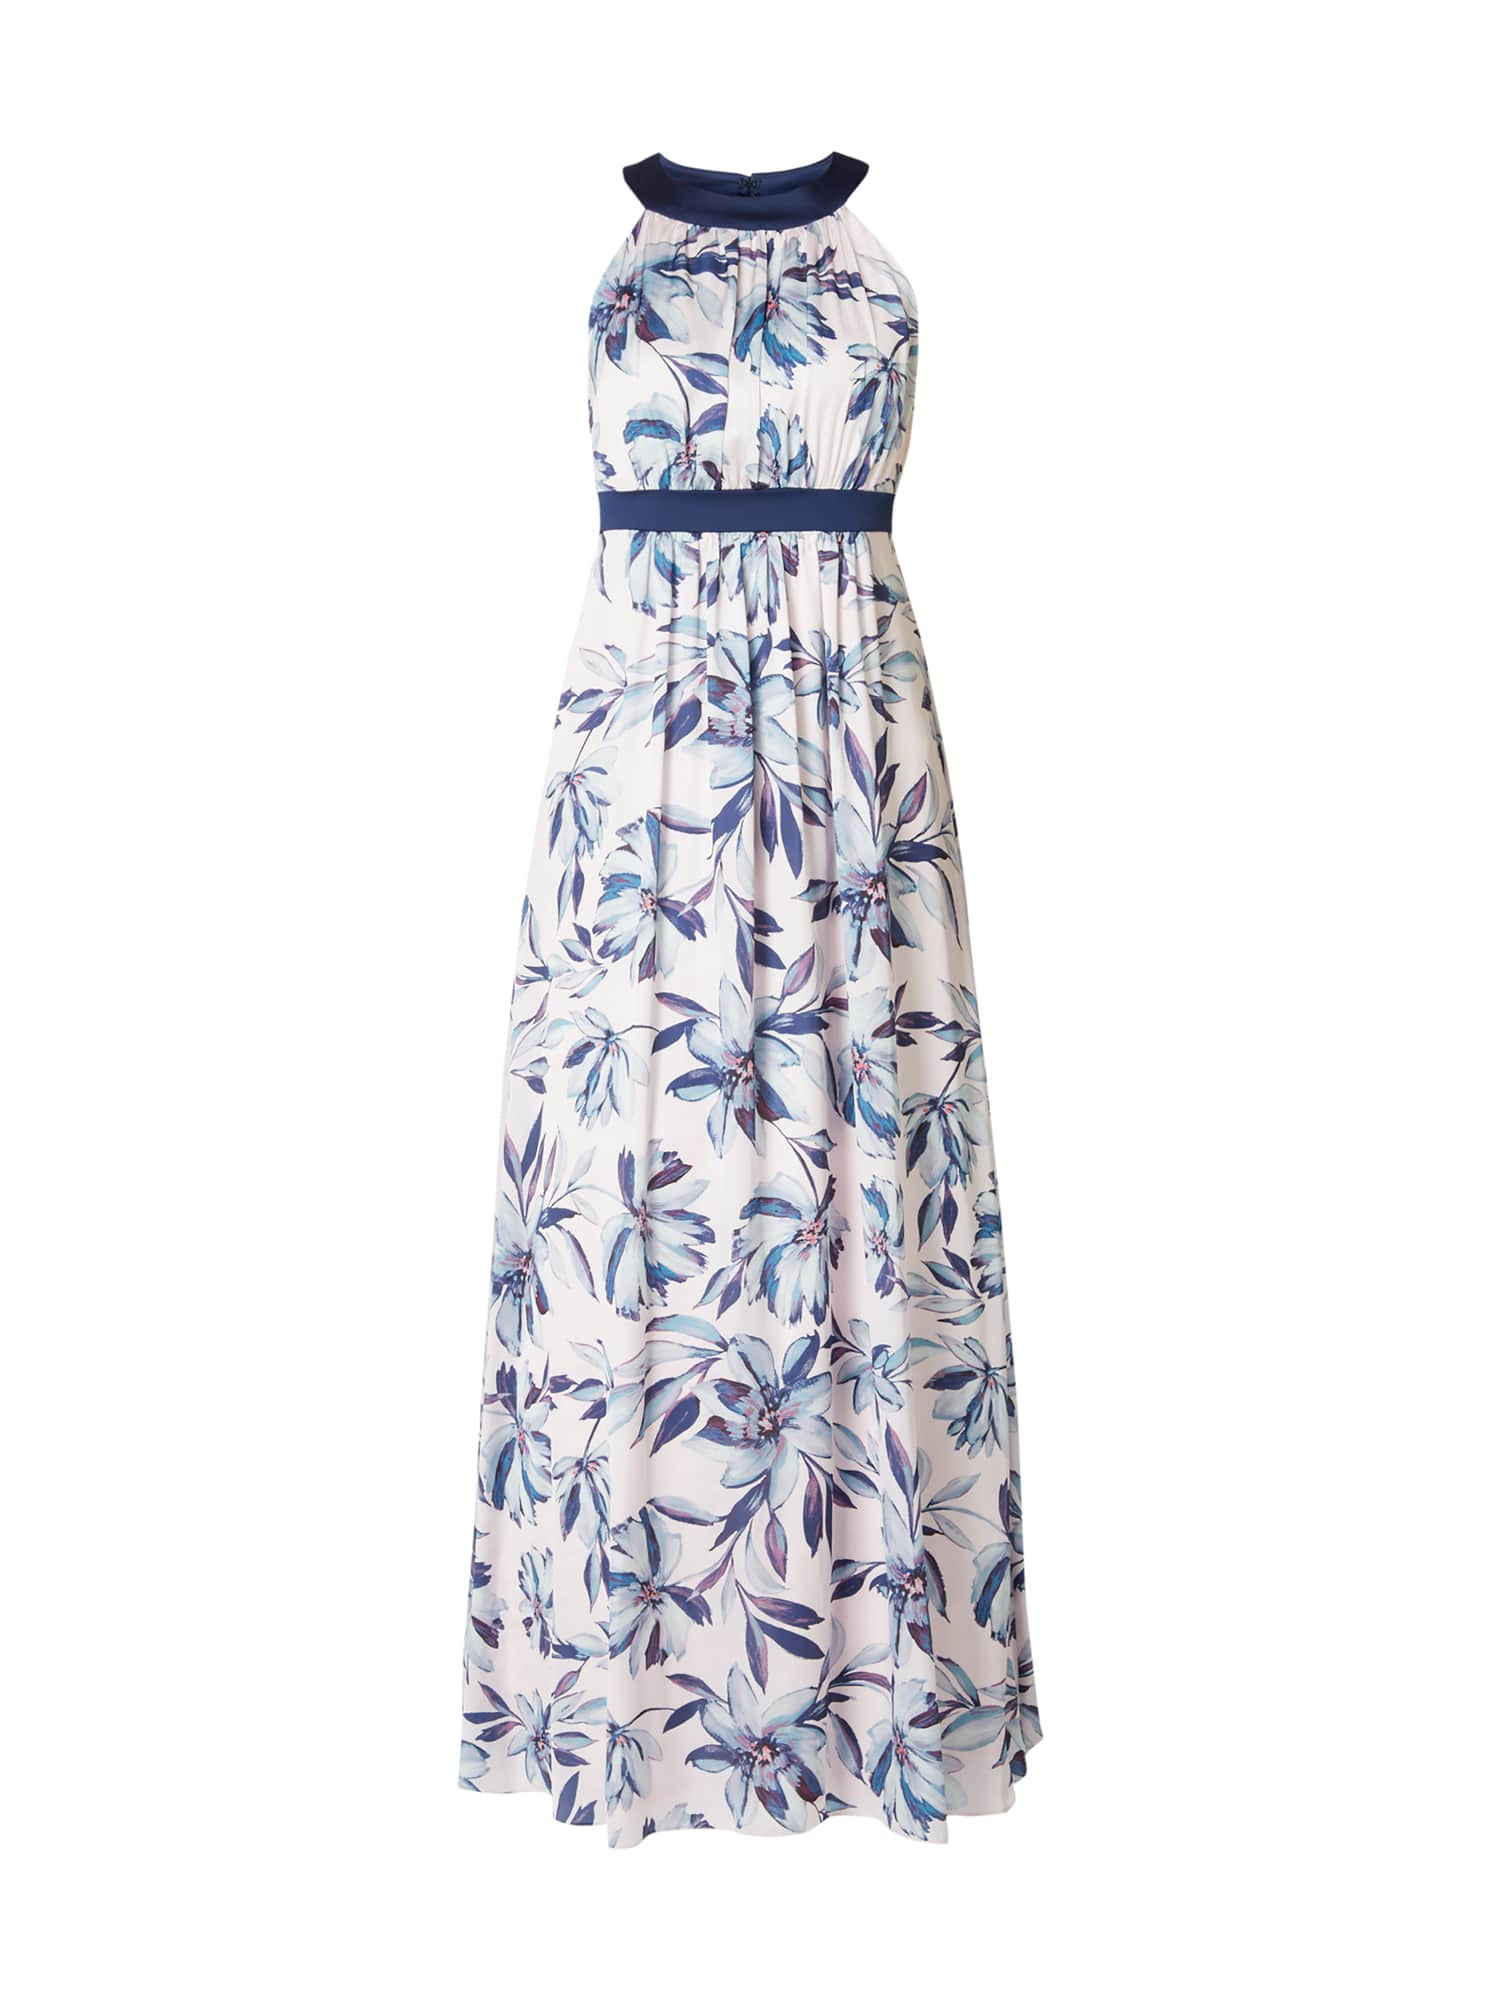 13 Schön Jakes Abendkleid Blau für 2019Abend Luxus Jakes Abendkleid Blau Bester Preis